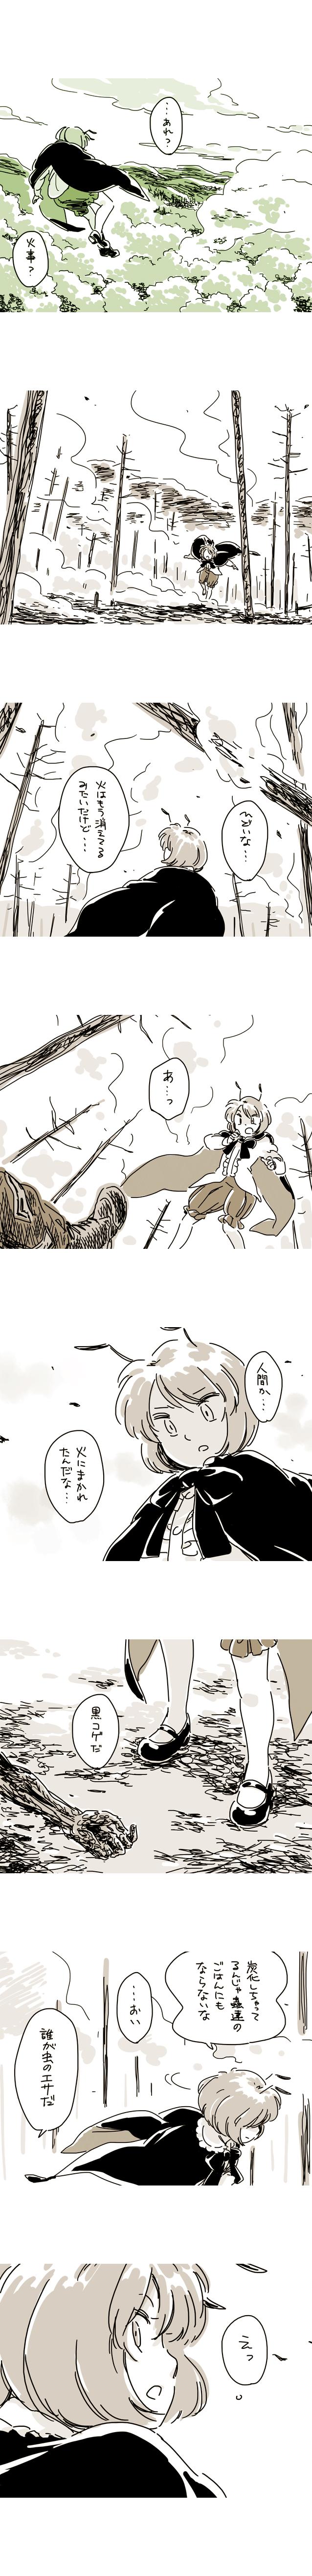 夜雀と不死鳥 その8